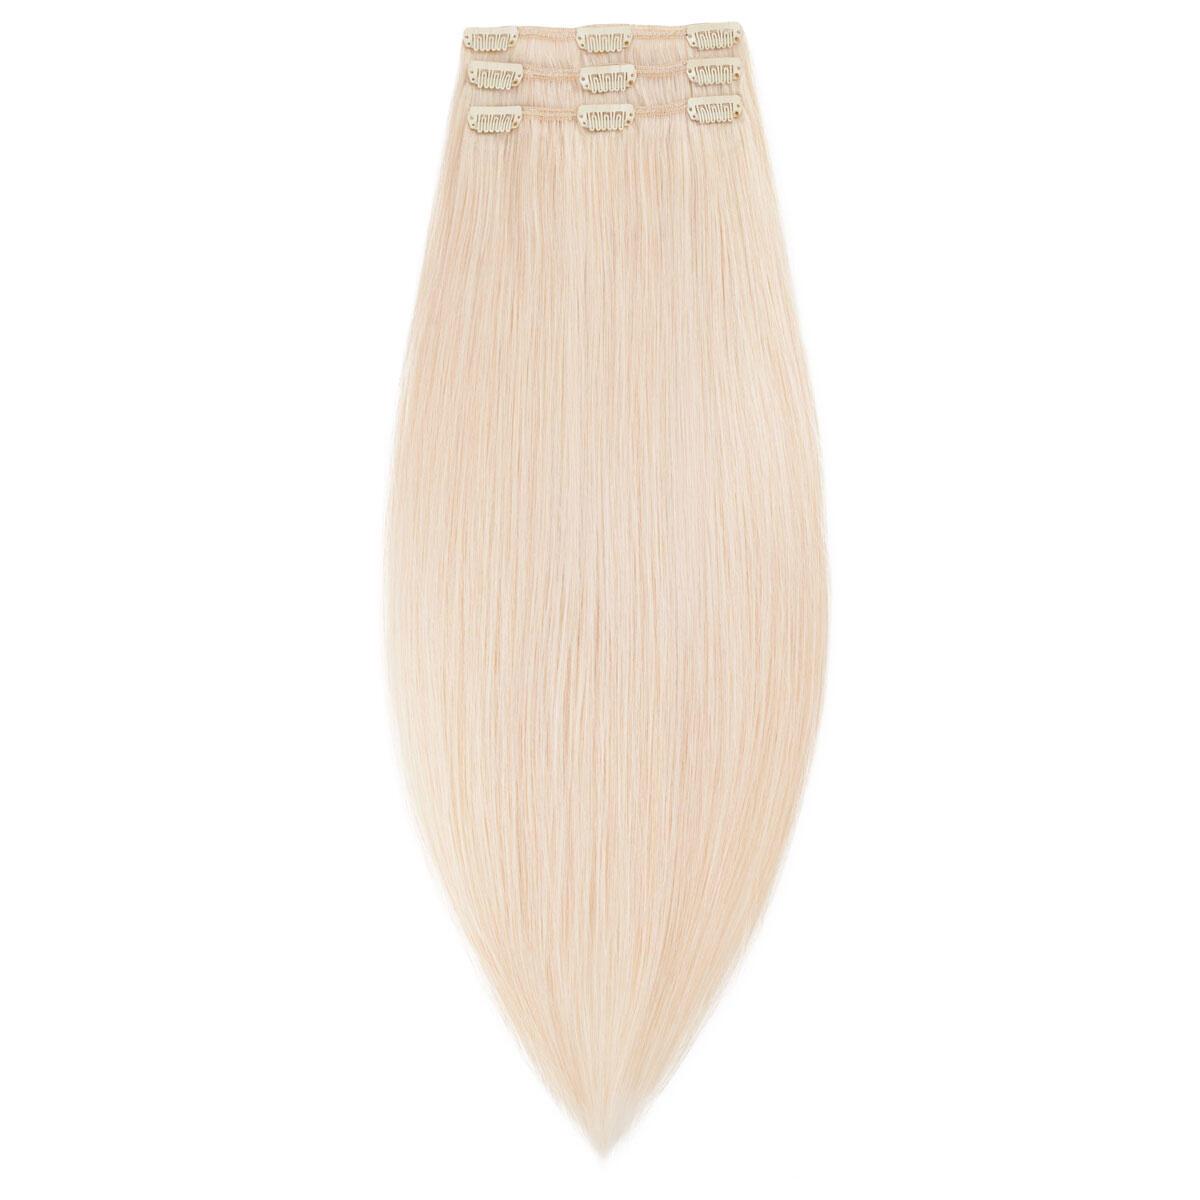 Clip-on set 10.8 Light Blonde 40 cm